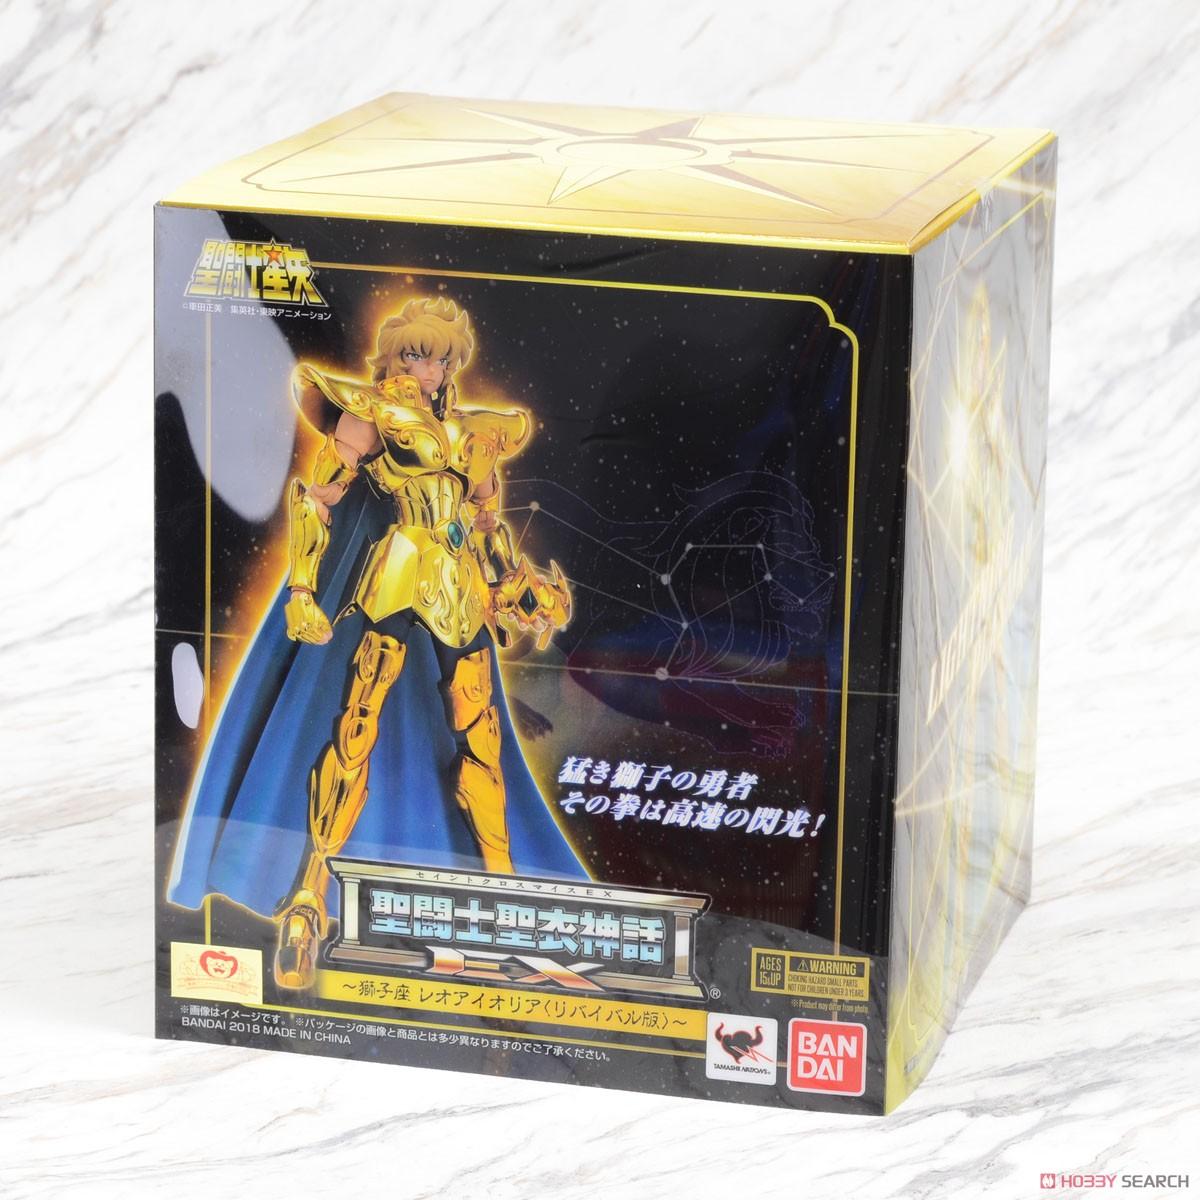 (มี1 รอเมลฉบับที่2 ยืนยันก่อนโอนเงิน ) Saint Cloth Myth EX Leo Aiolia -Revival Ver.- (PVC Figure) 8000yen ล็อต jp